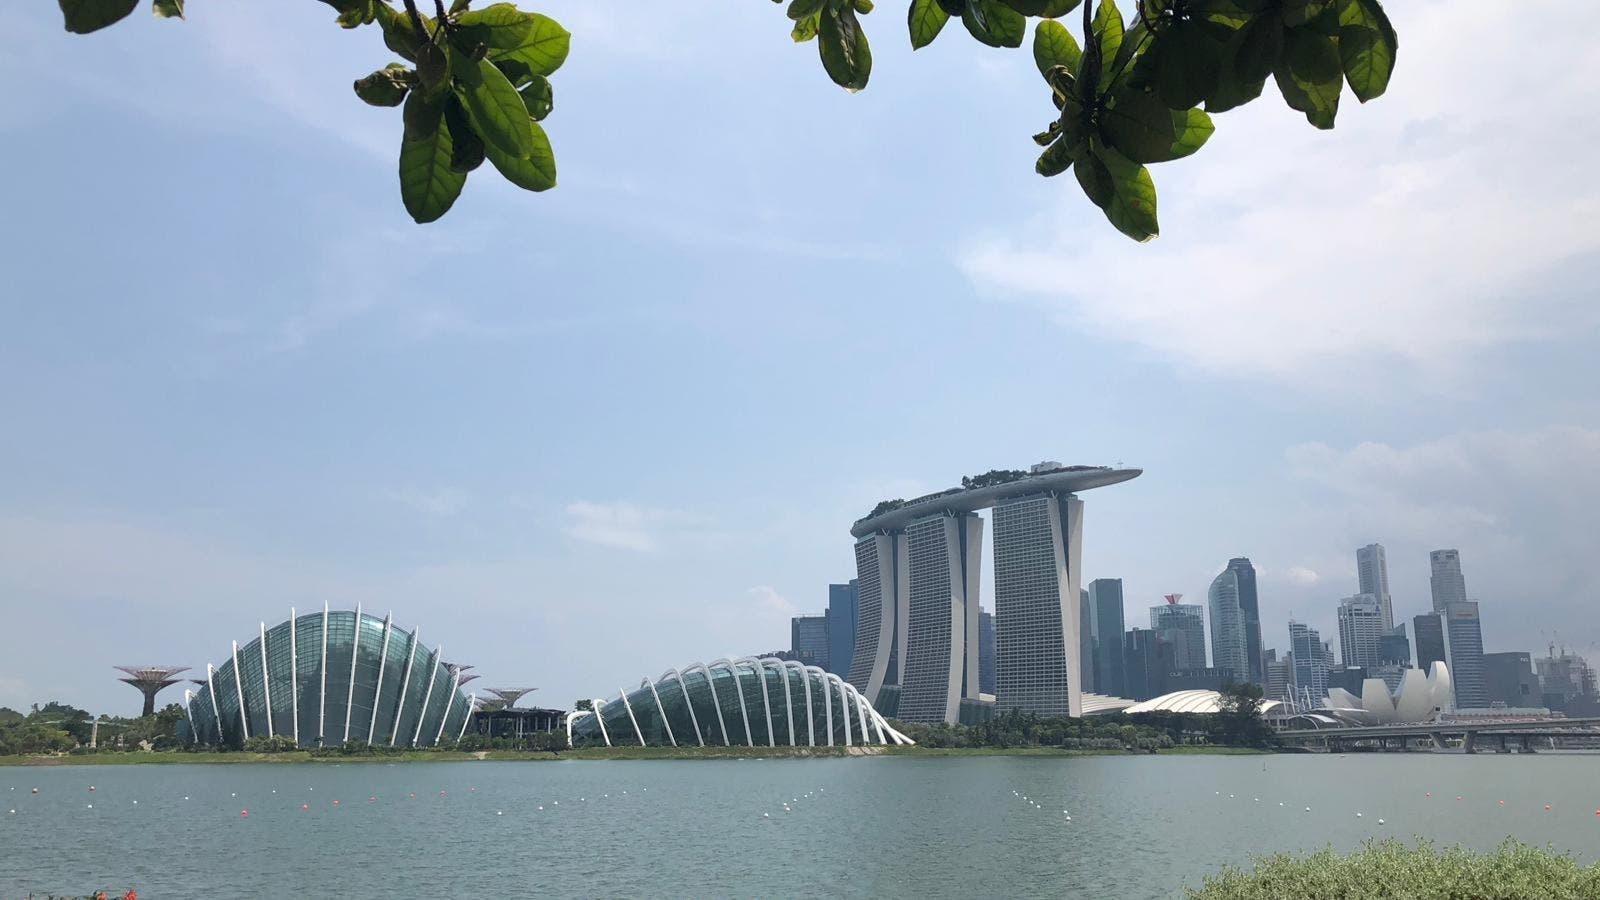 En 1965, Singapur tenía serios problemas: desempleo, mano de obra mal educada, vivienda de mala calidad. Los británicos lo habían convertido en un país de reexportación a través de su puerto. La idea fue convertir a Singapur en un país exportador. Para resolver los problemas del país a la vez que at